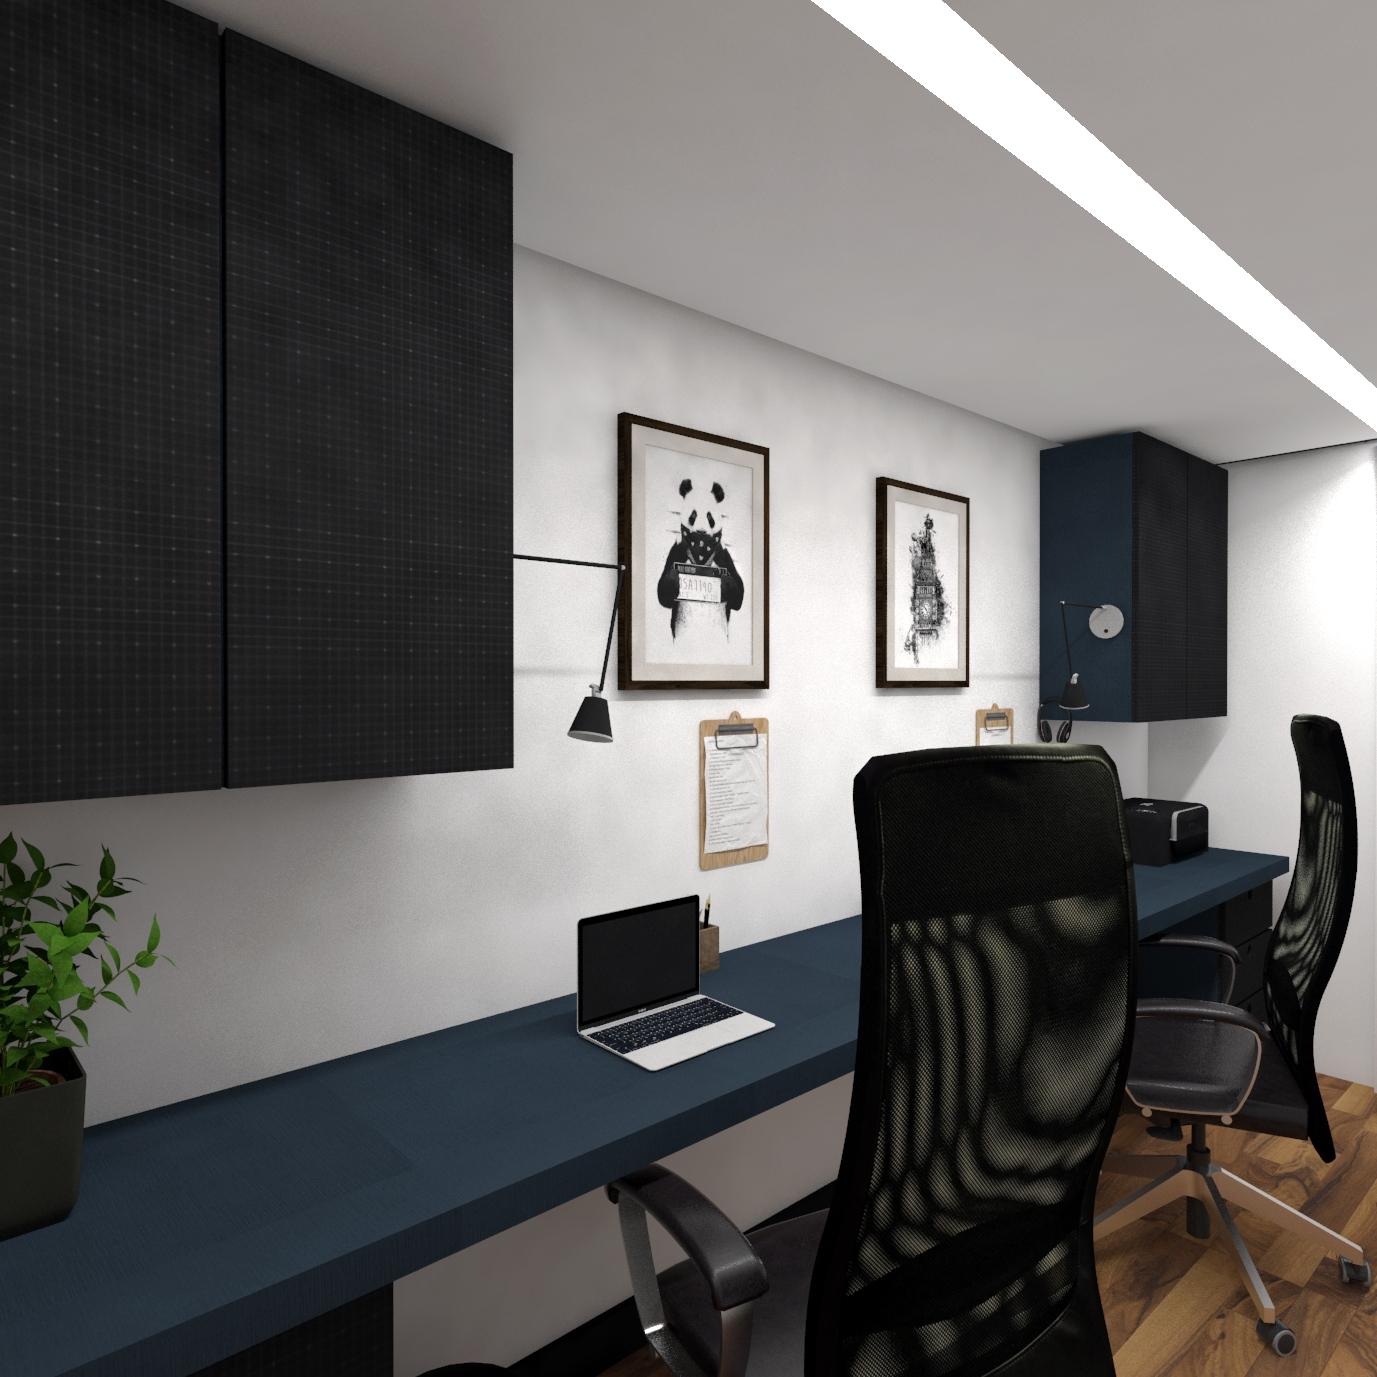 Projeto de home office moderno - escritorio moderno - projeto para casa moderna em curitiba - estudio murilo zadulski interiores 01 02